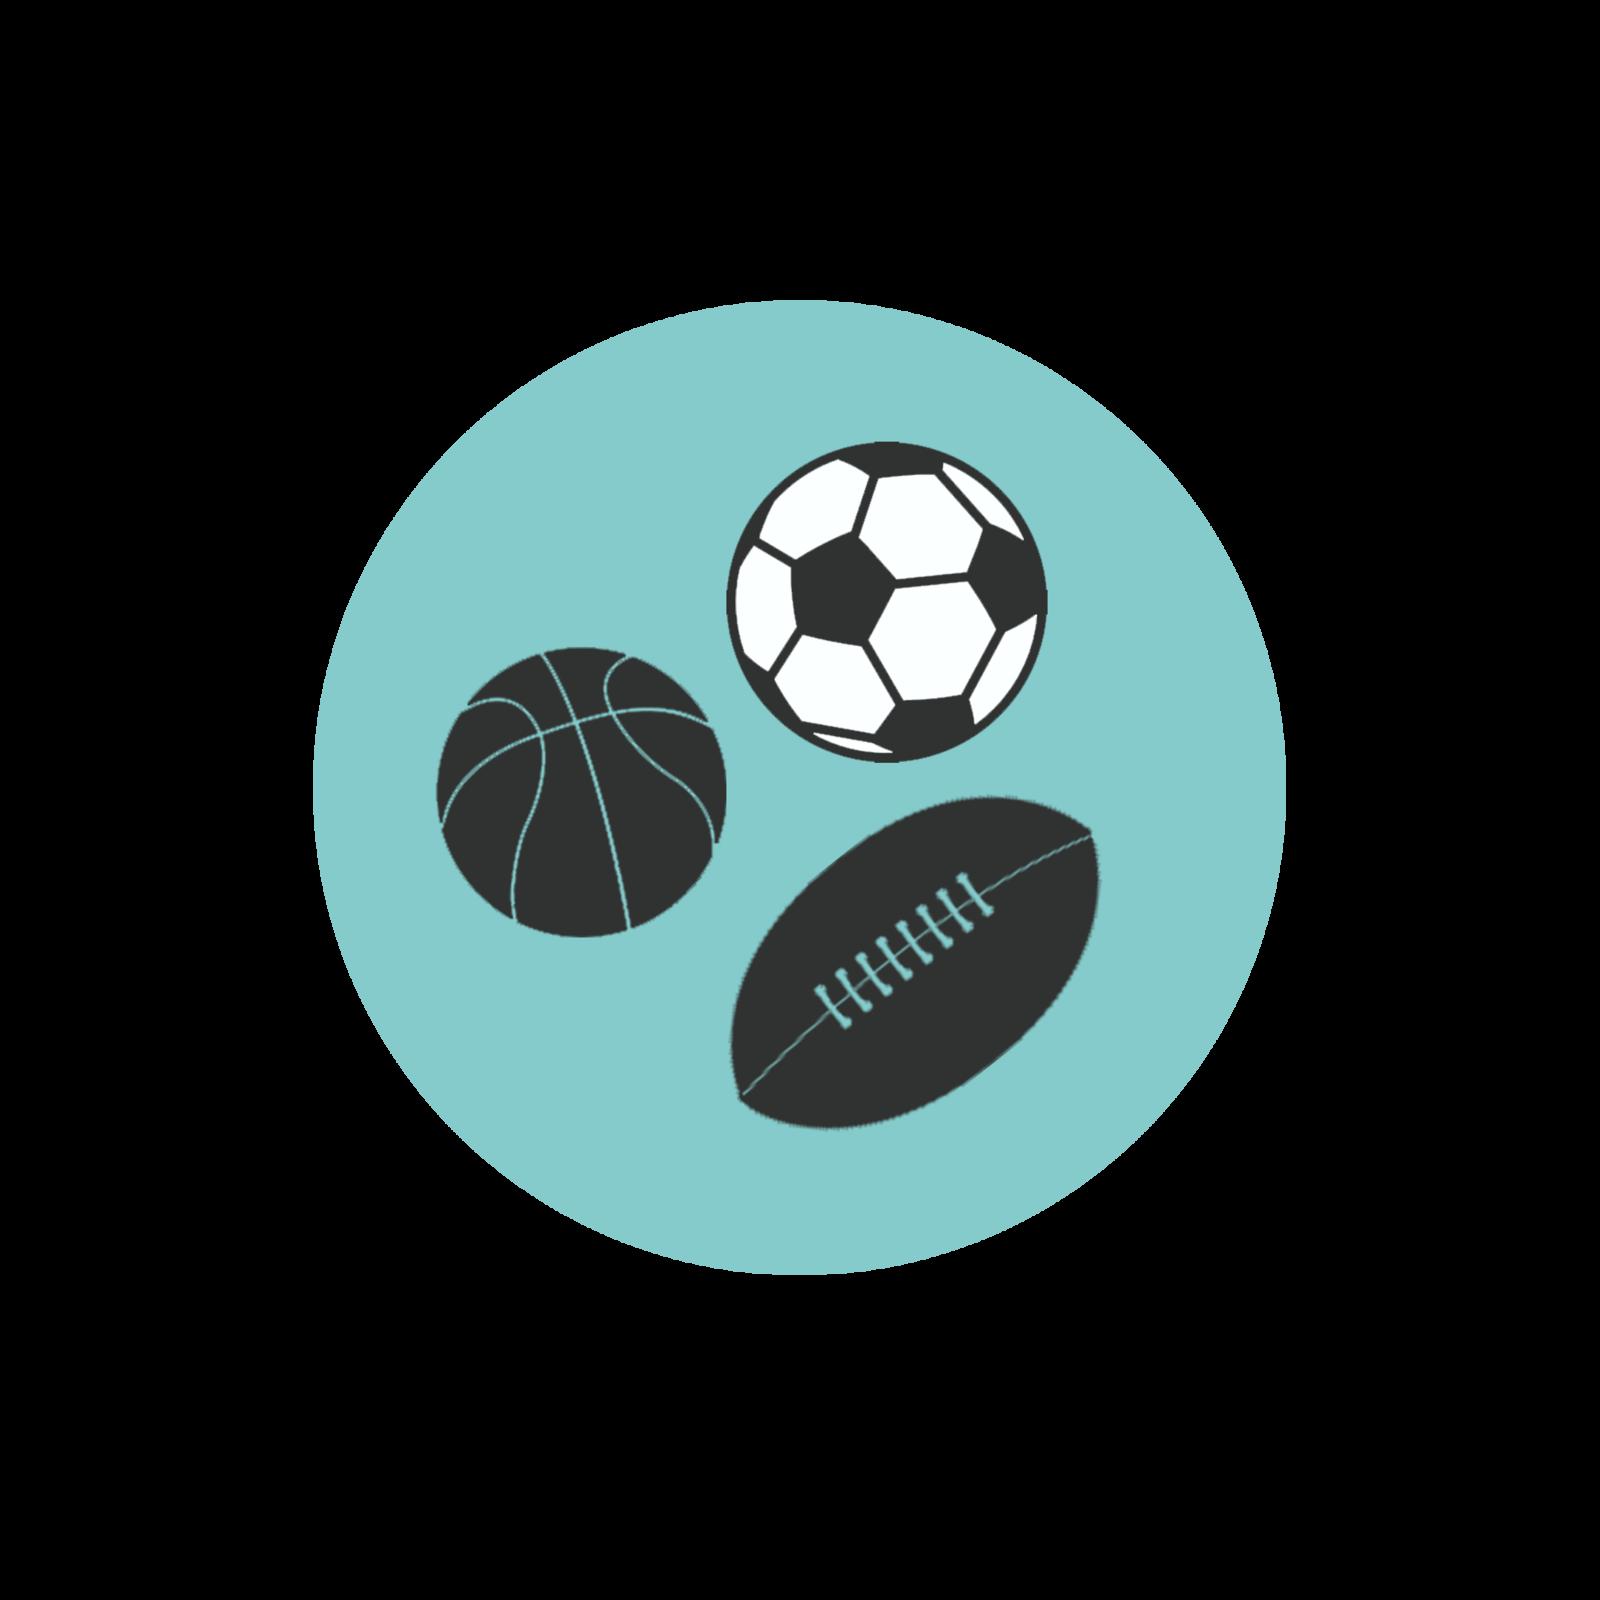 Altice acquiert les droits de diffusion exclusive de l'Euroligue et de l'Eurocoupe de Basket pour 4 saisons.